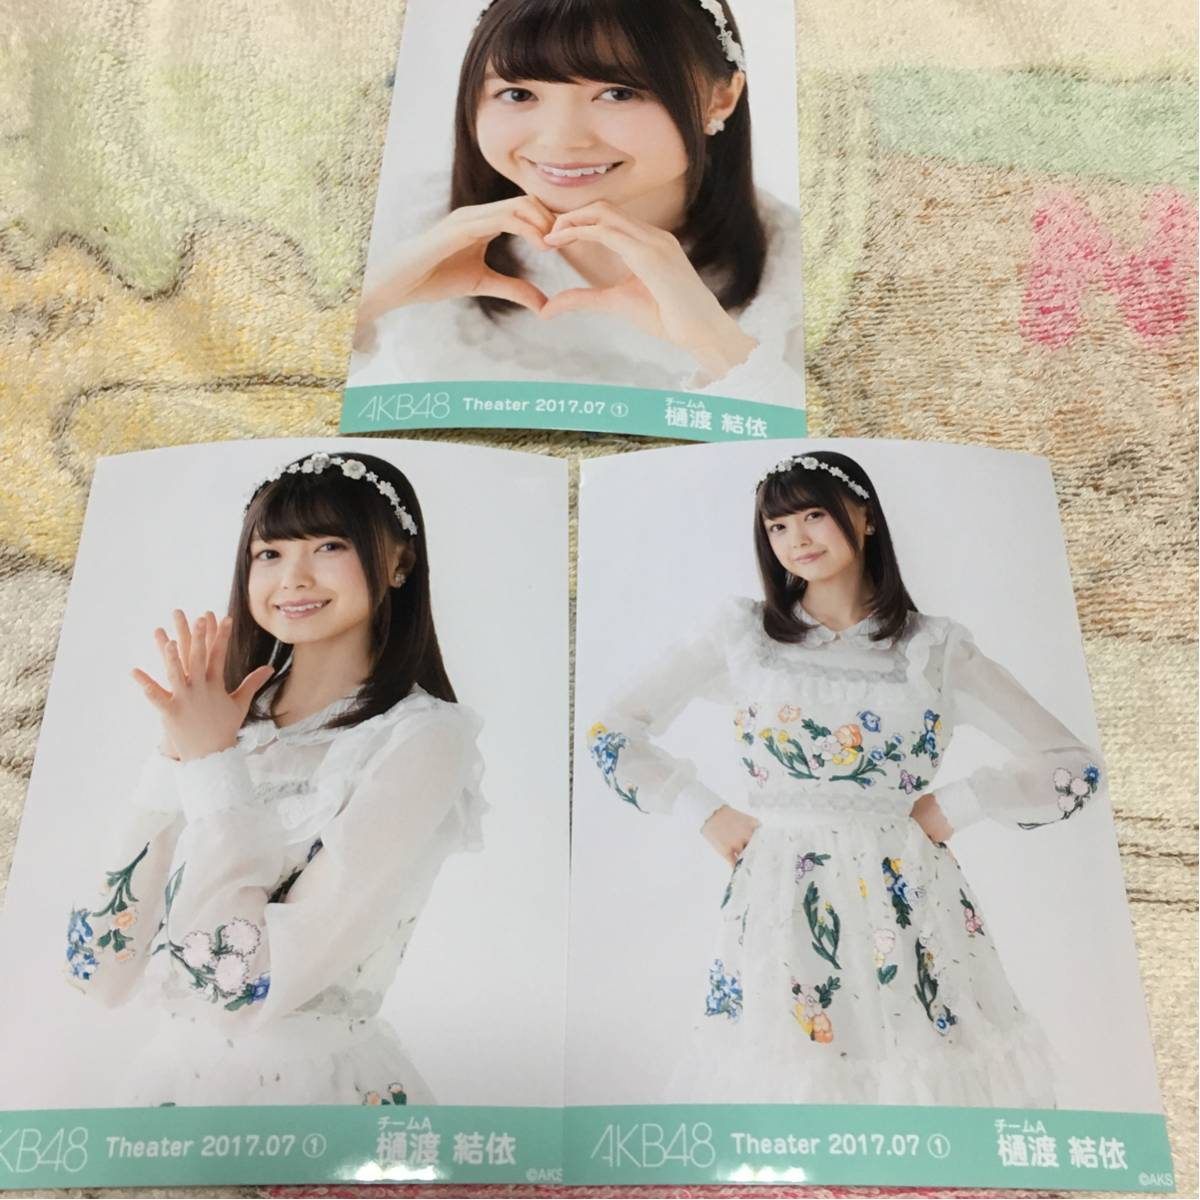 AKB48 月別生写真 7月① 3種コンプ 樋渡結依 ライブ・総選挙グッズの画像